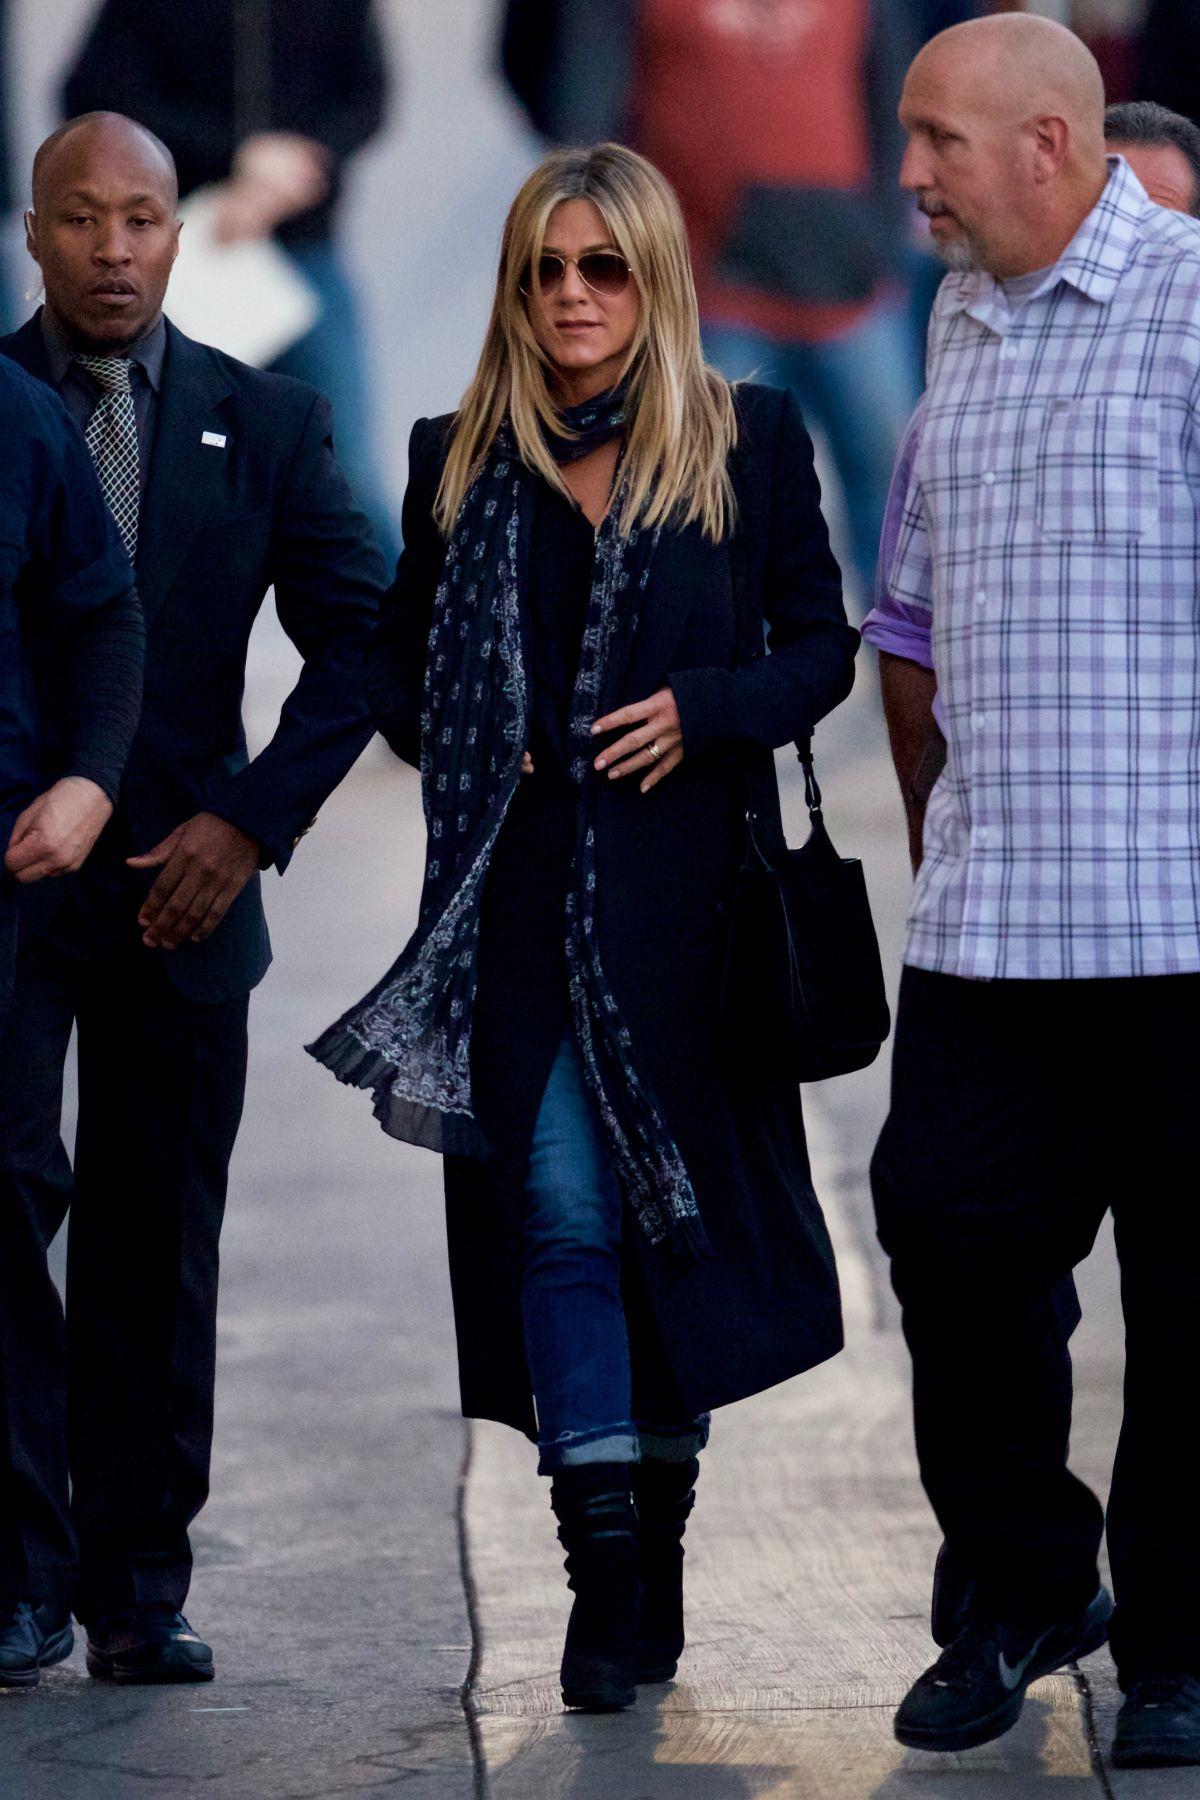 JENNIFER ANISTON Arrives at Jimmy Kimmel Live in Hollywood 12/08/2016   jennifer-aniston-arrives-at-jimmy-kimmel-live-in-hollywood-12-08-2016_3